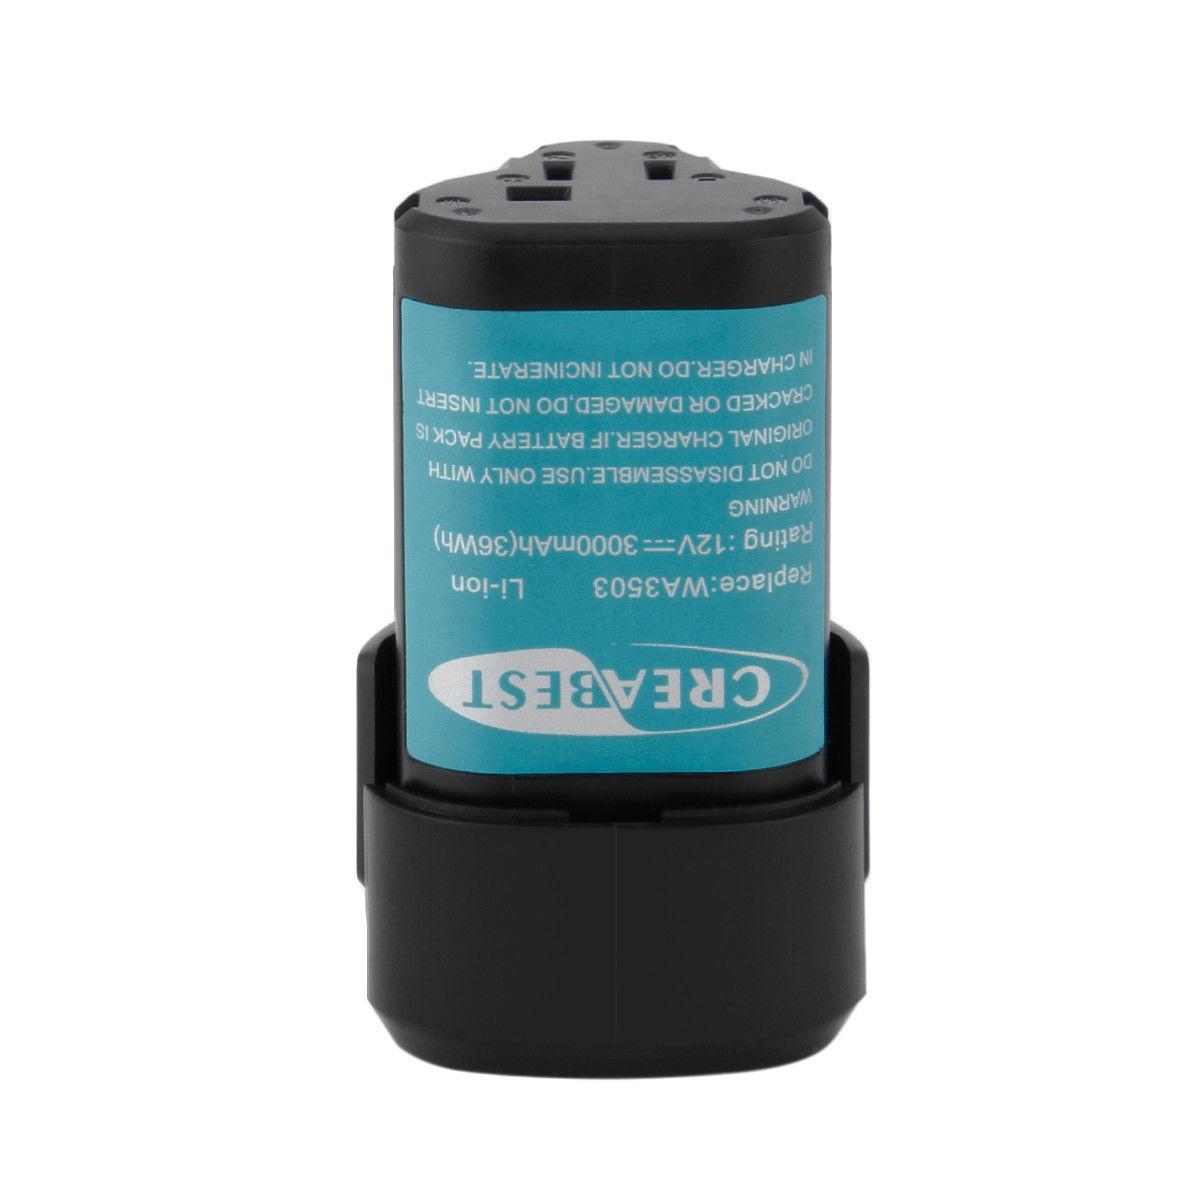 Batteri til WA3503 WA3509 RW9300 WORX WX382 WX540 Rockwell RK2510K 12V (kompatibelt)